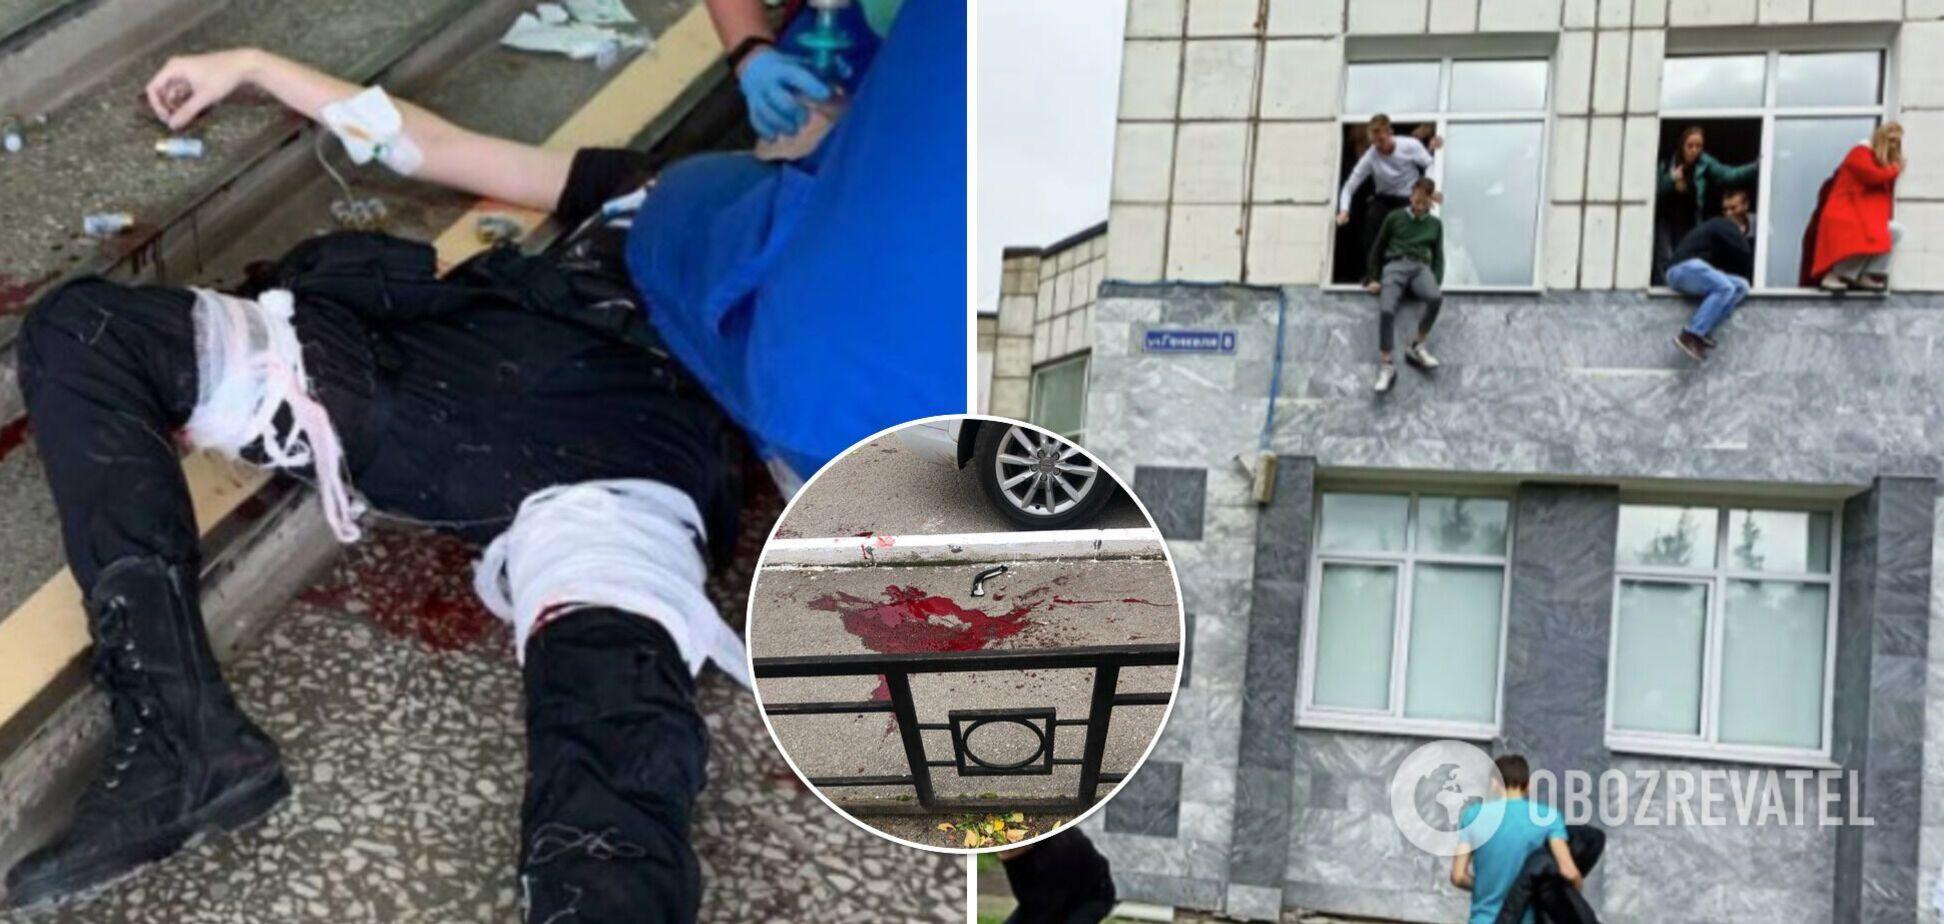 Мать пермского стрелка рассказала о его увлечении оружием: сейчас парня в больнице охраняет 18 силовиков